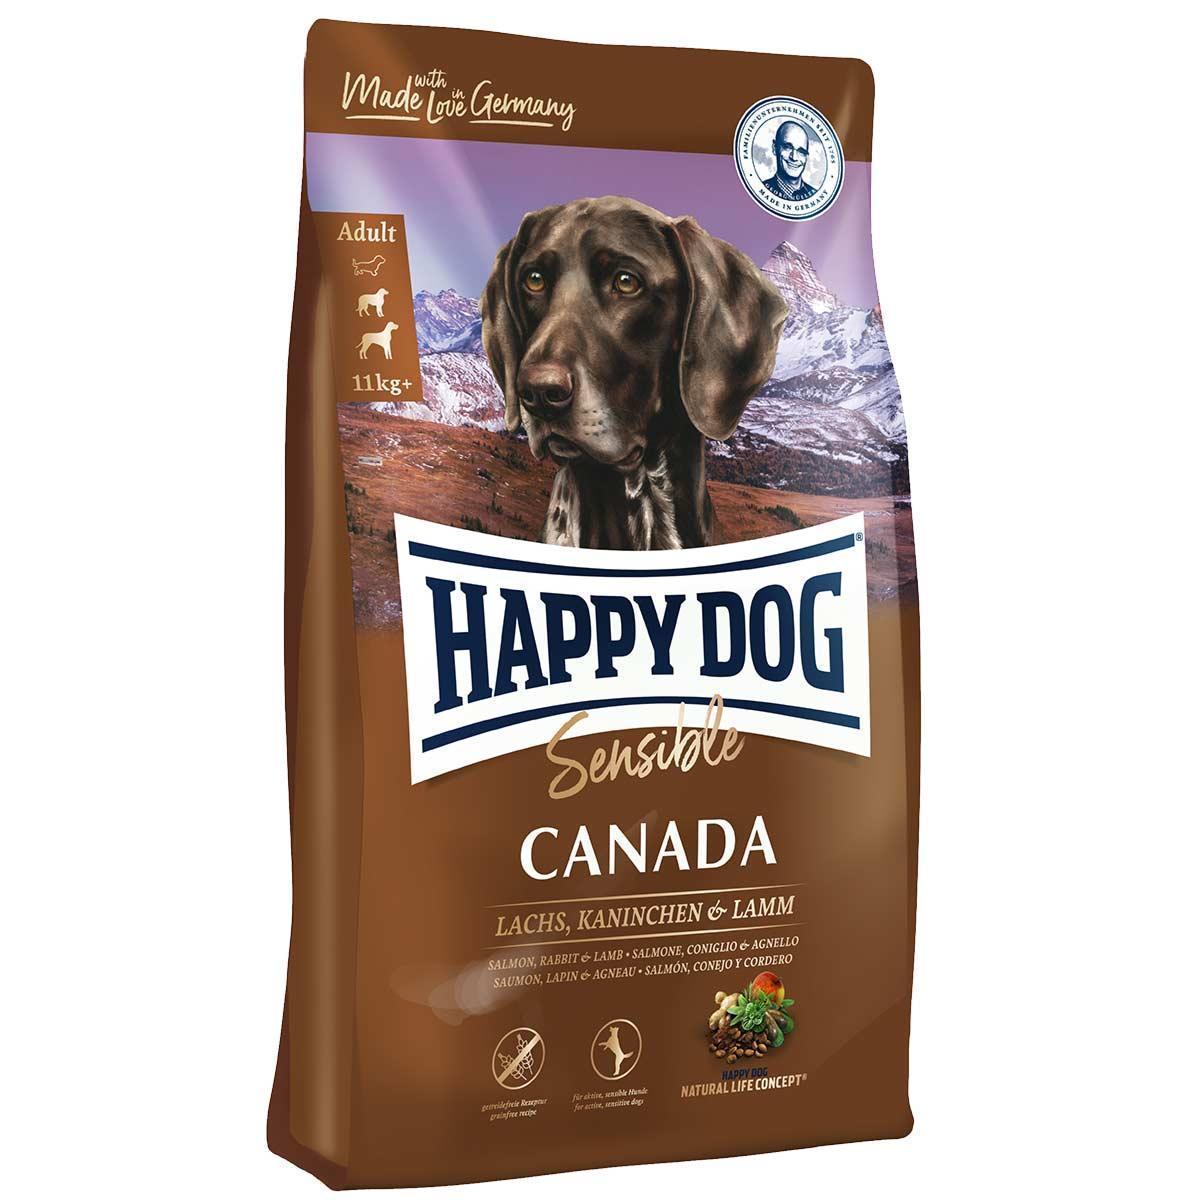 Сухой корм HAPPY DOG Supreme Canada для собак, лосось, кролик, ягненок, без злаков, 4 кг